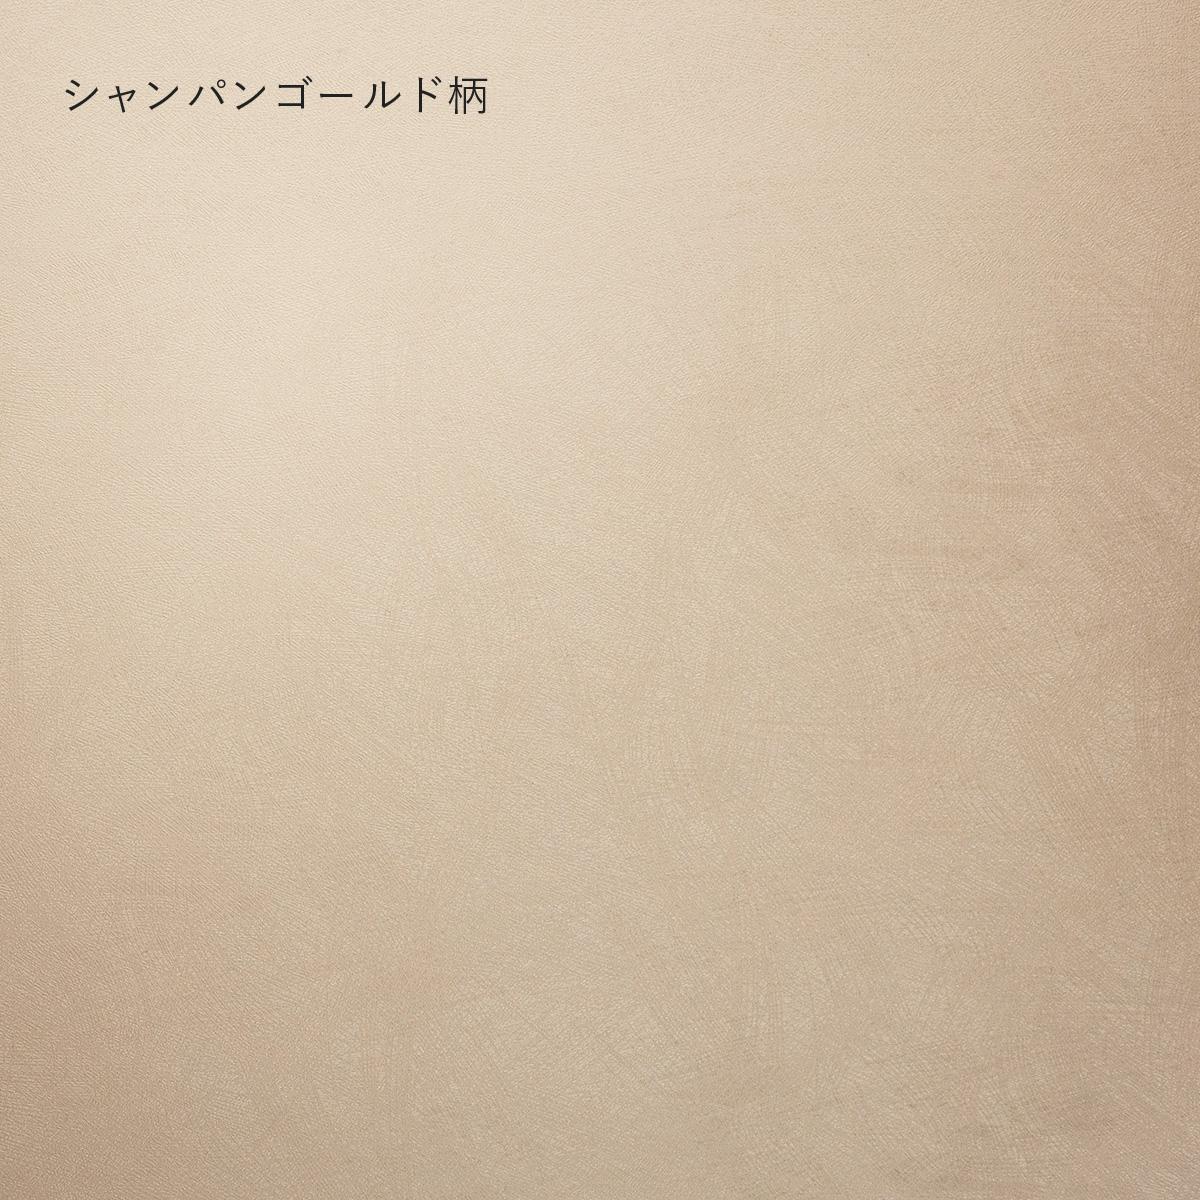 【V-TISS LIGHT】 扉セット